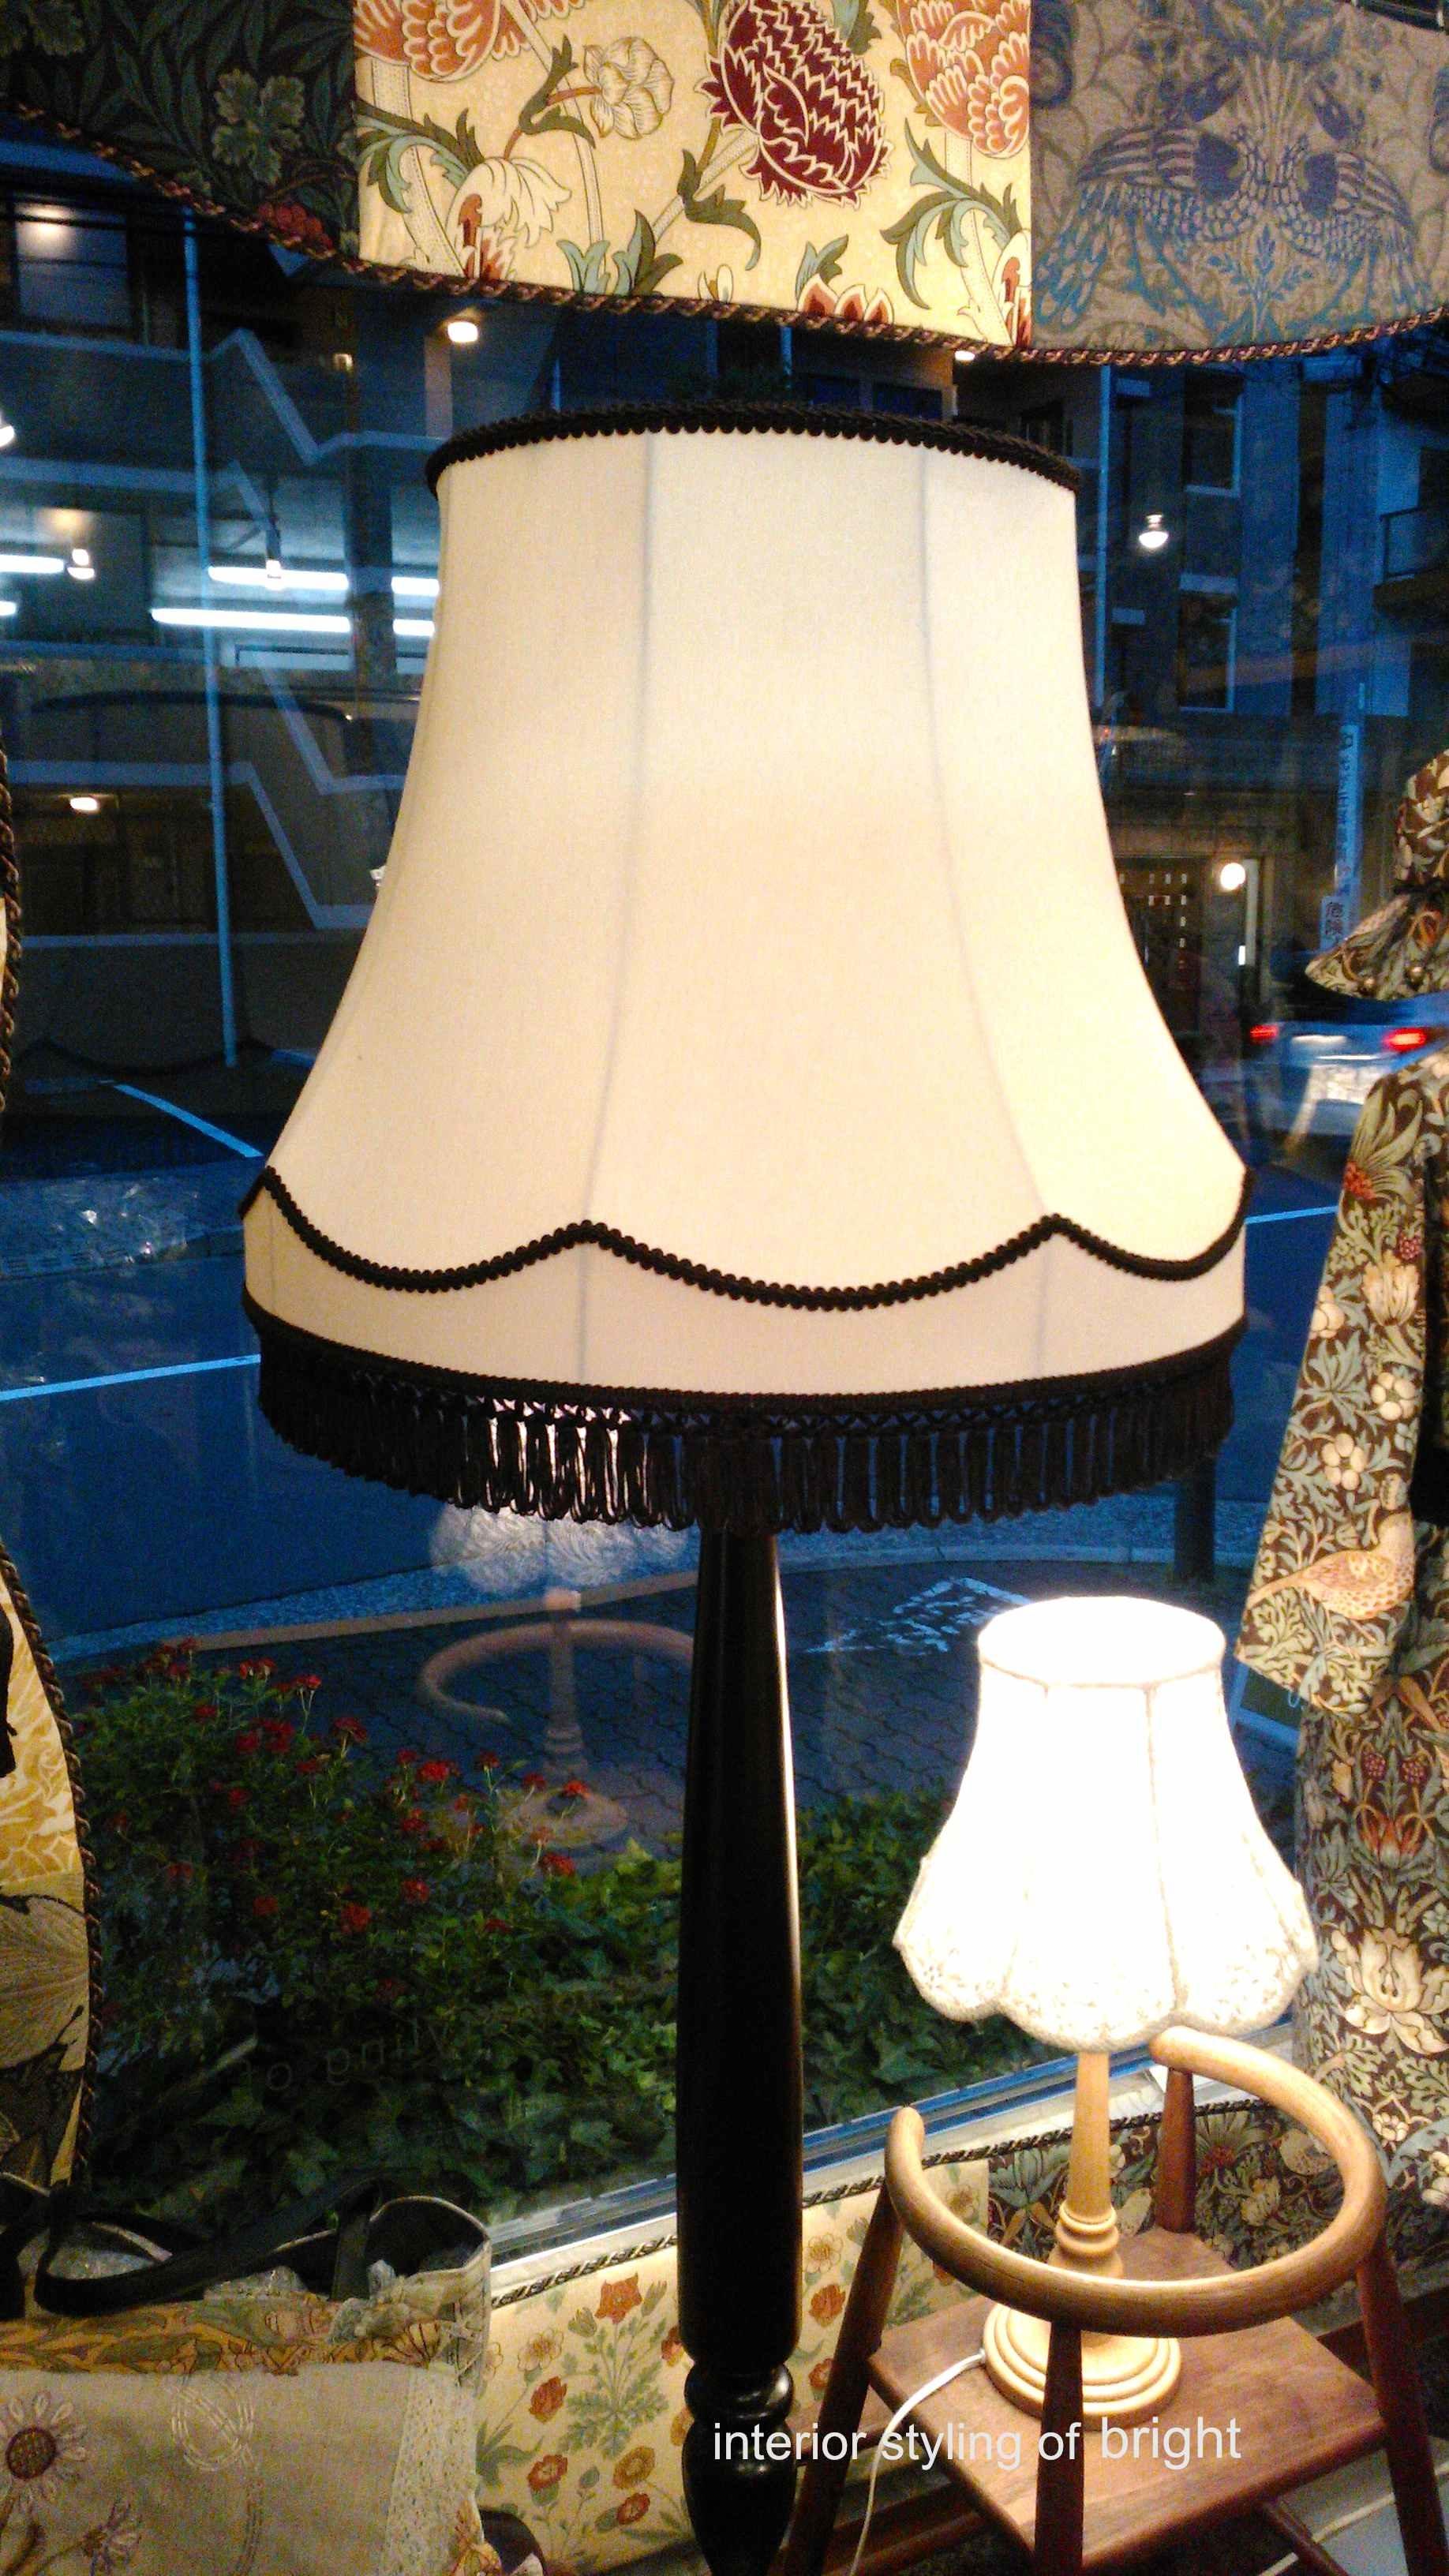 ランプシェード 張替 ウィリアムモリス正規販売店のブライト_c0157866_18095525.jpg